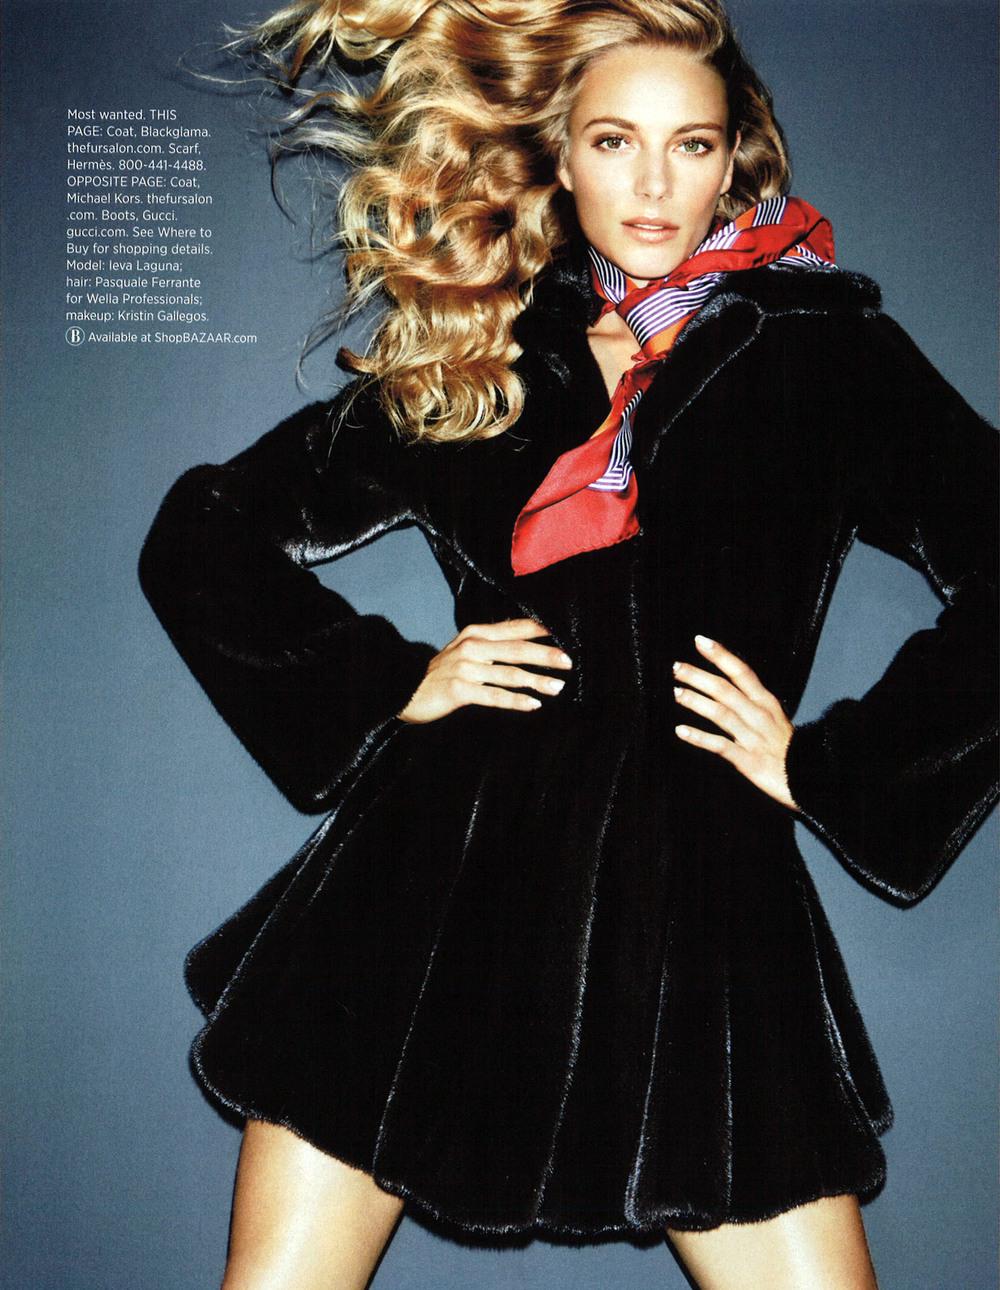 Harpers_Bazaar_Editorial_12.14.jpg